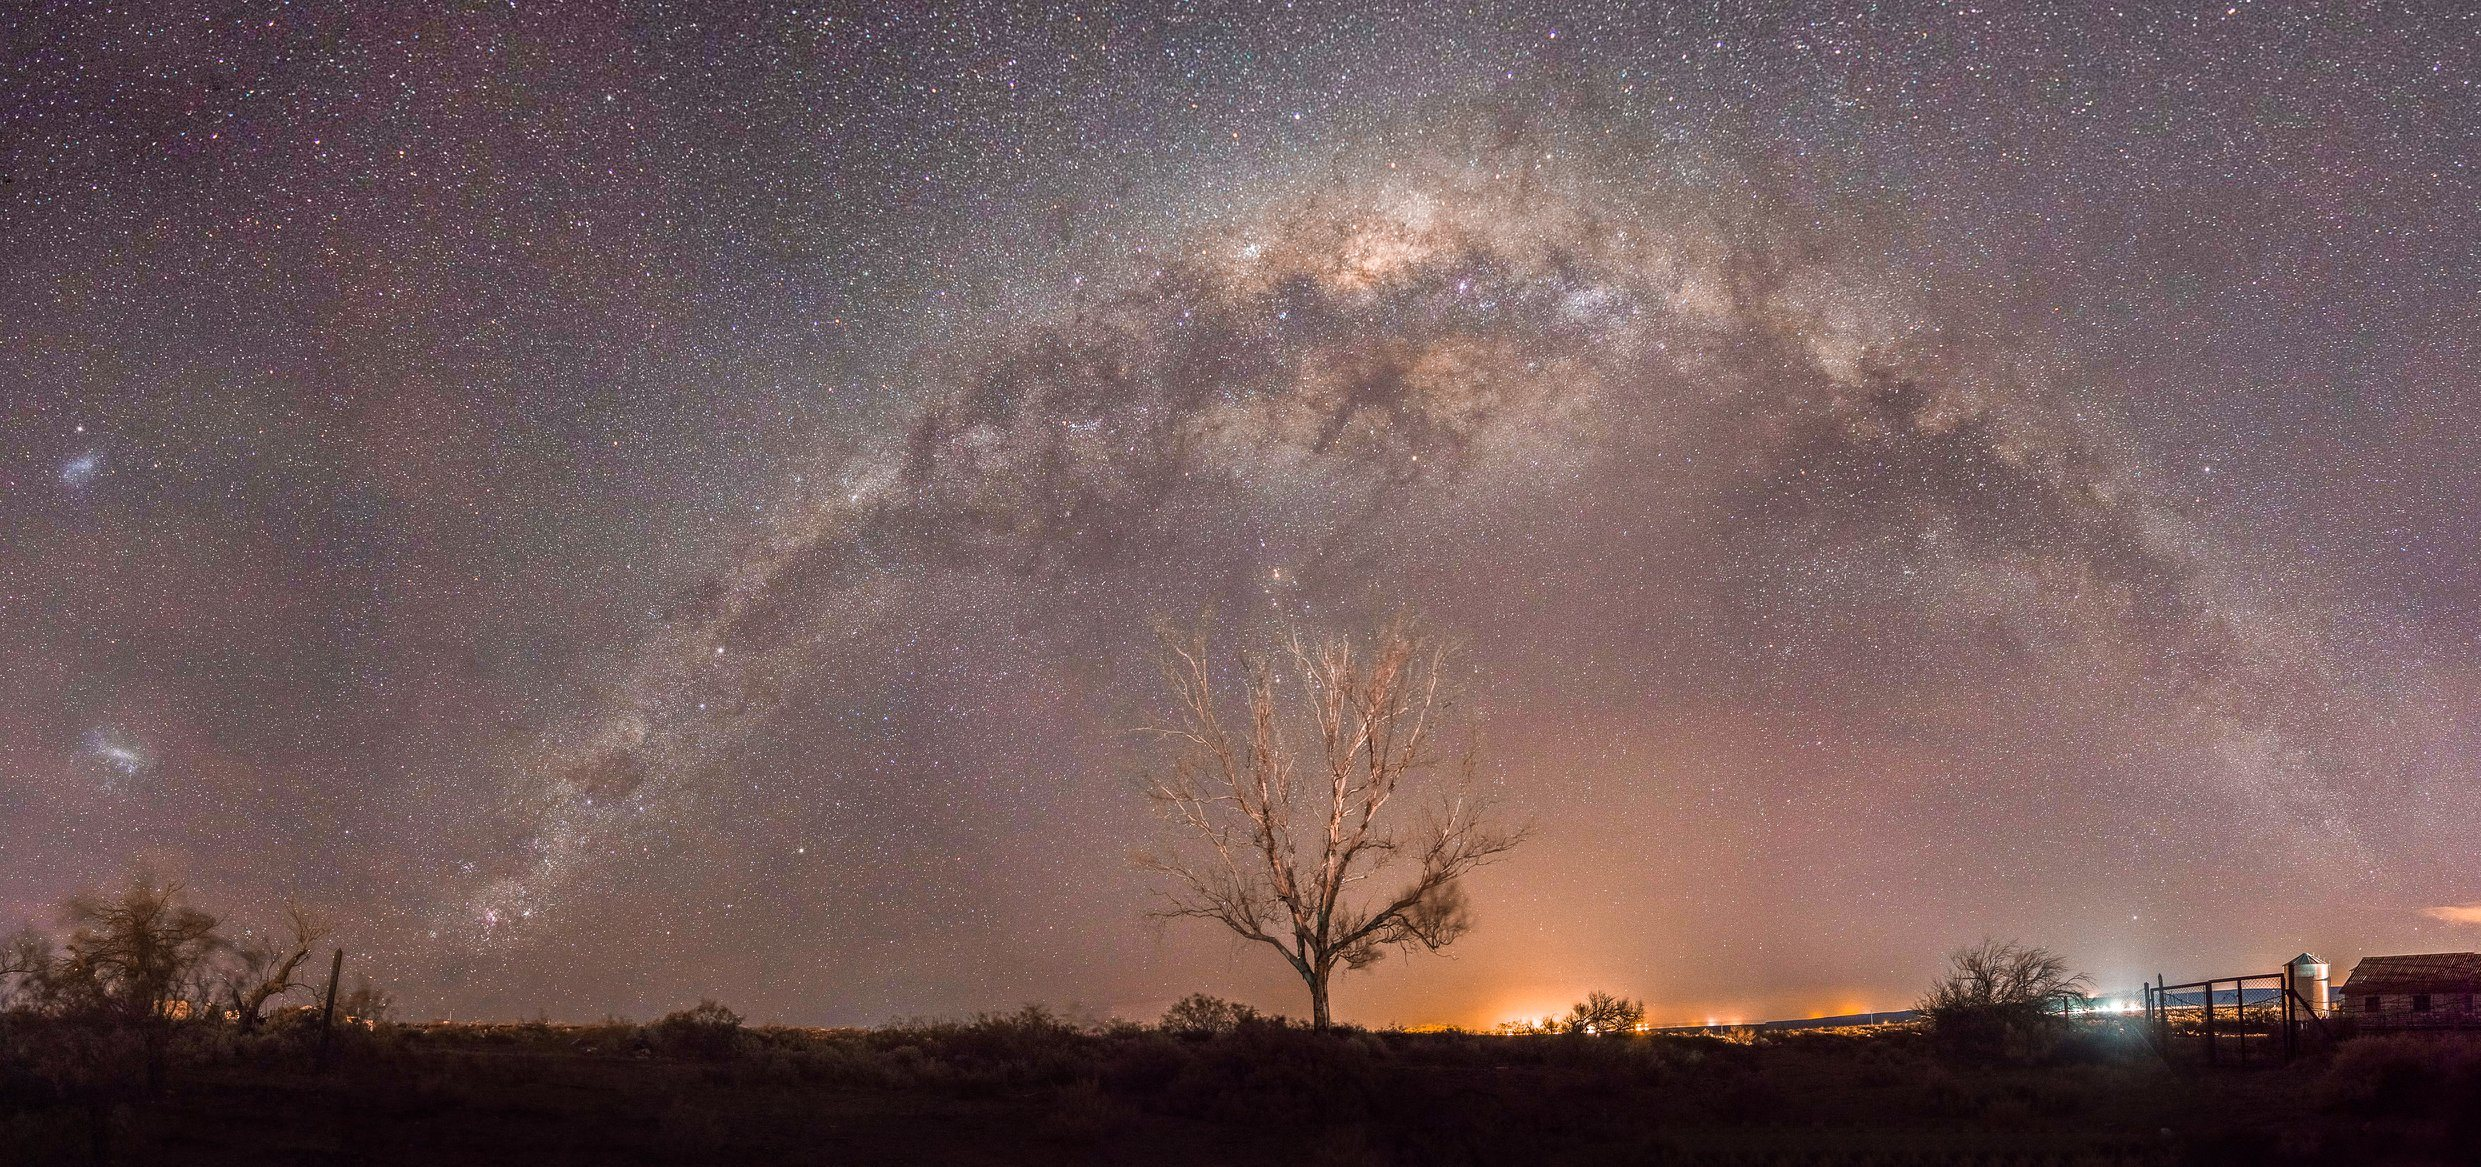 En defensa del cielo nocturno